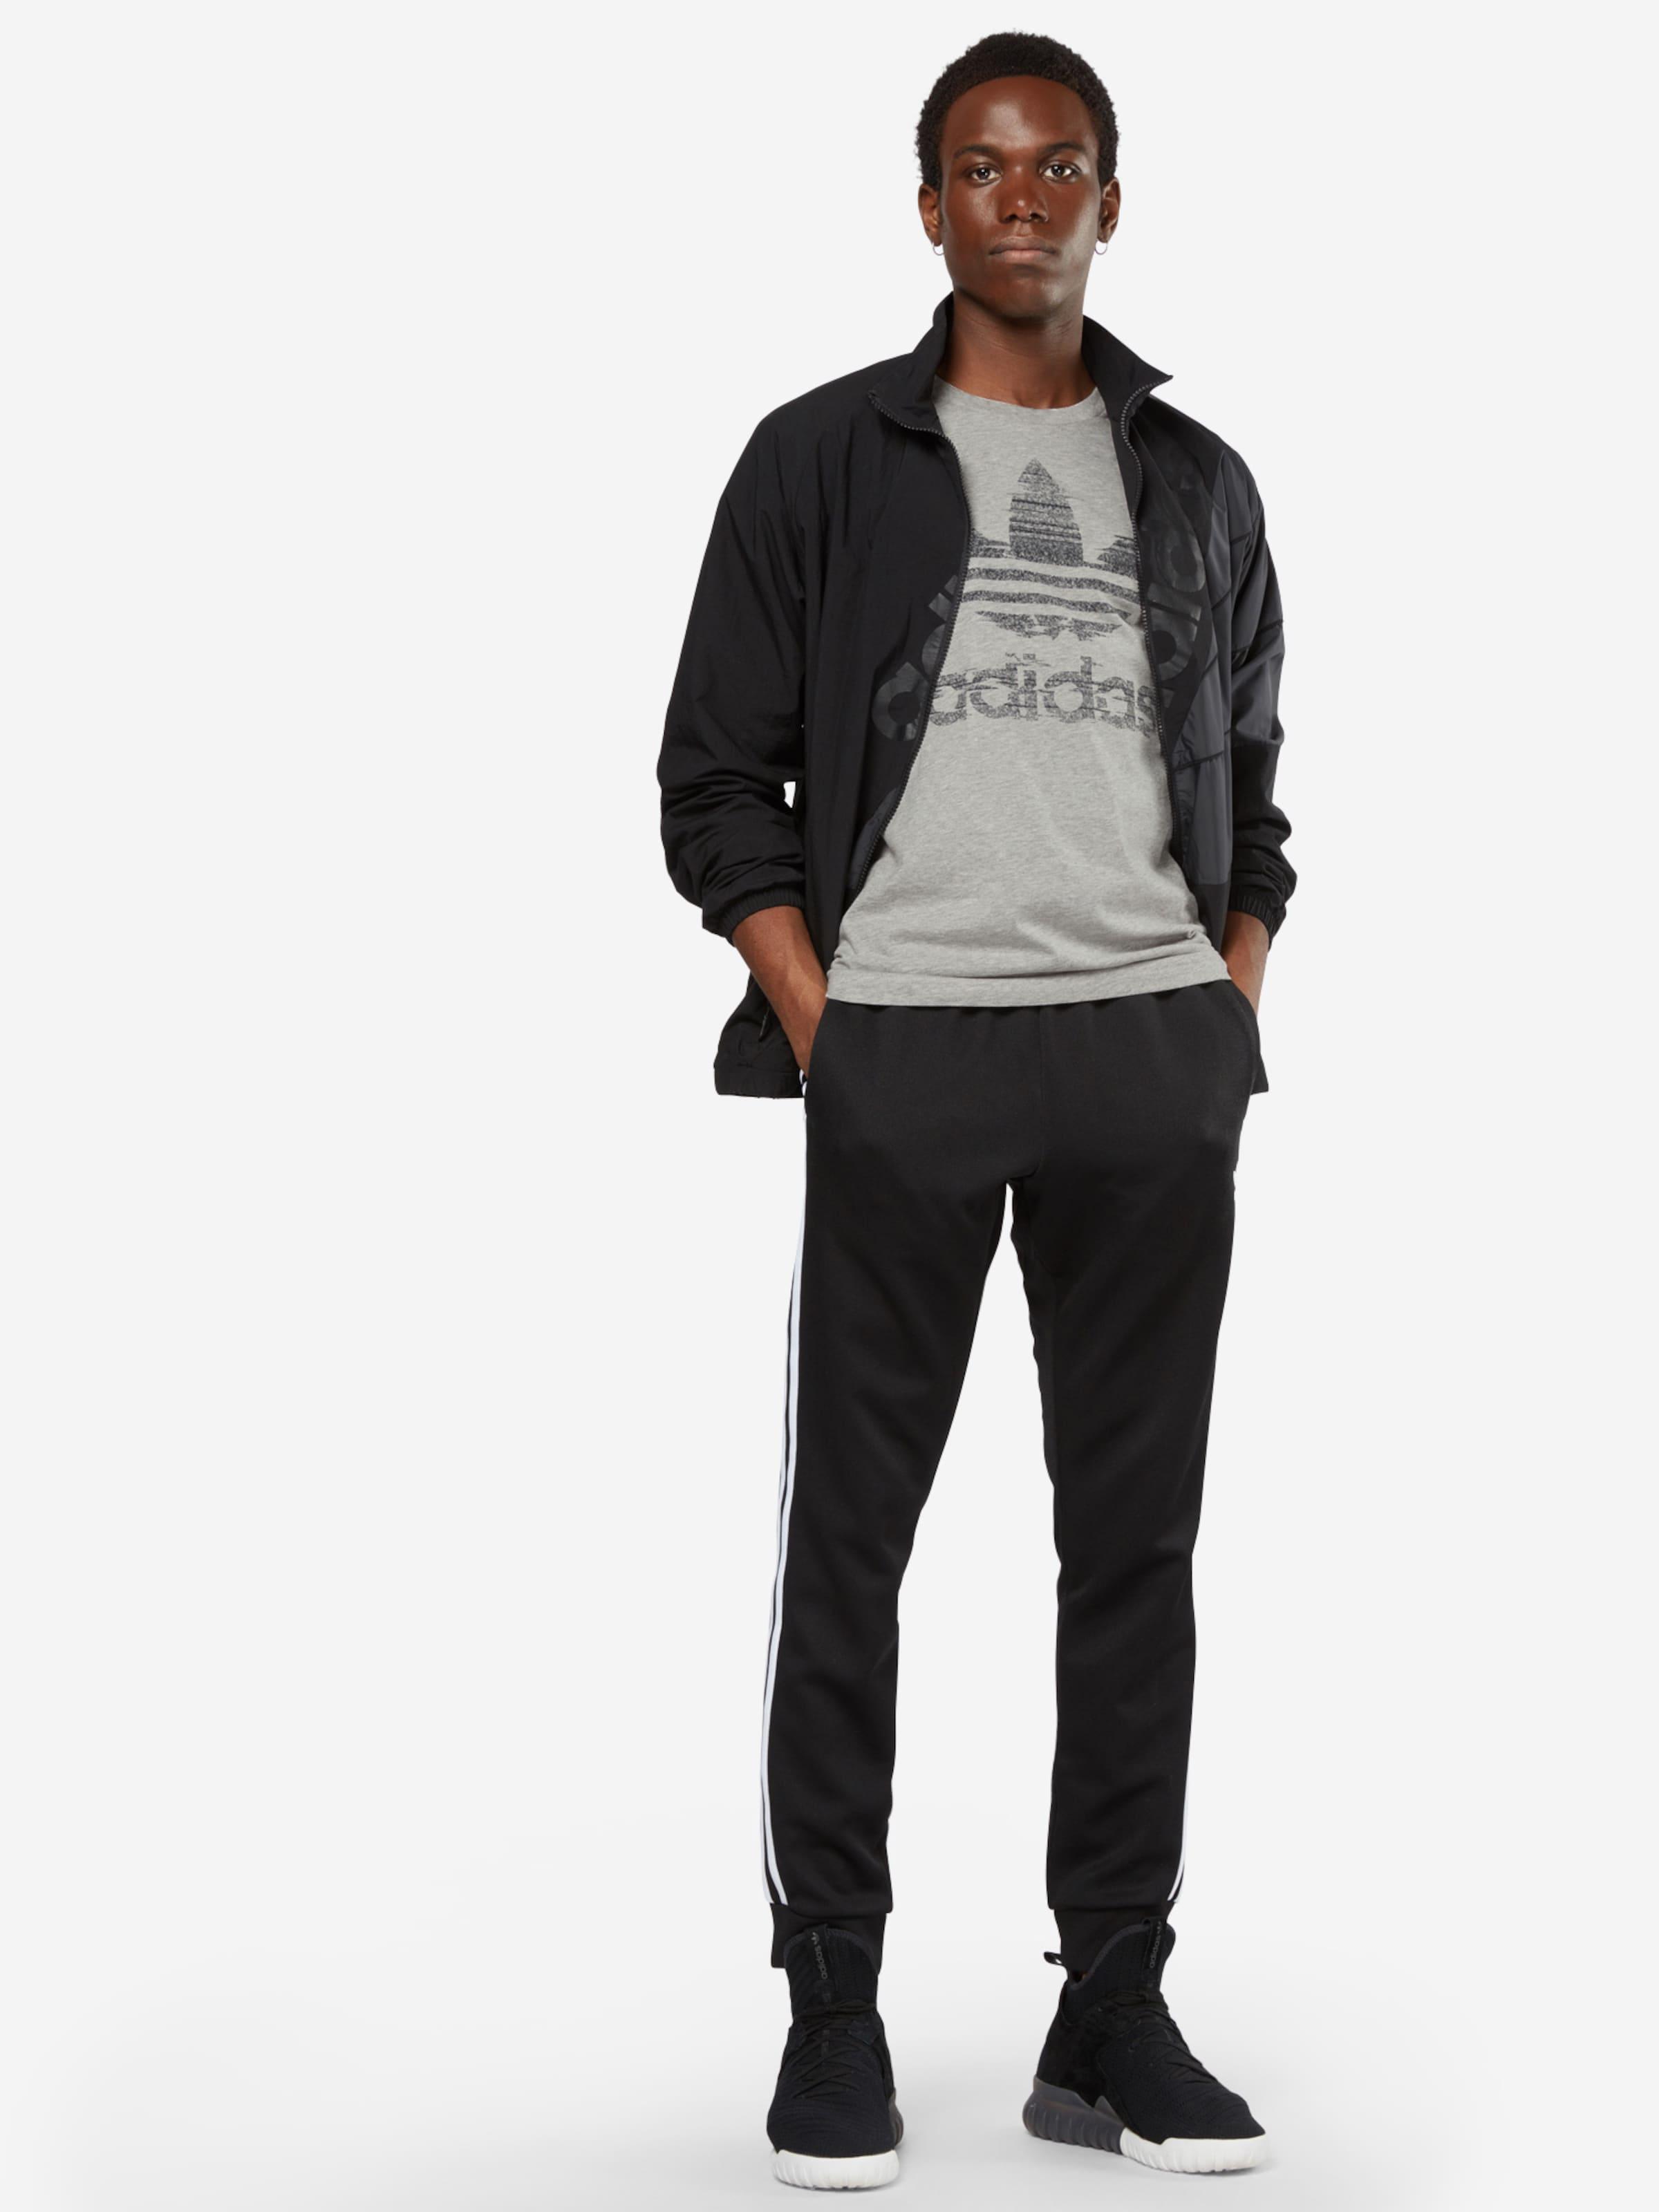 ADIDAS ORIGINALS T-Shirt 'Traction Trefoi' Verkauf Online-Shopping Neue Stile Günstig Online 8qDOGWb8H